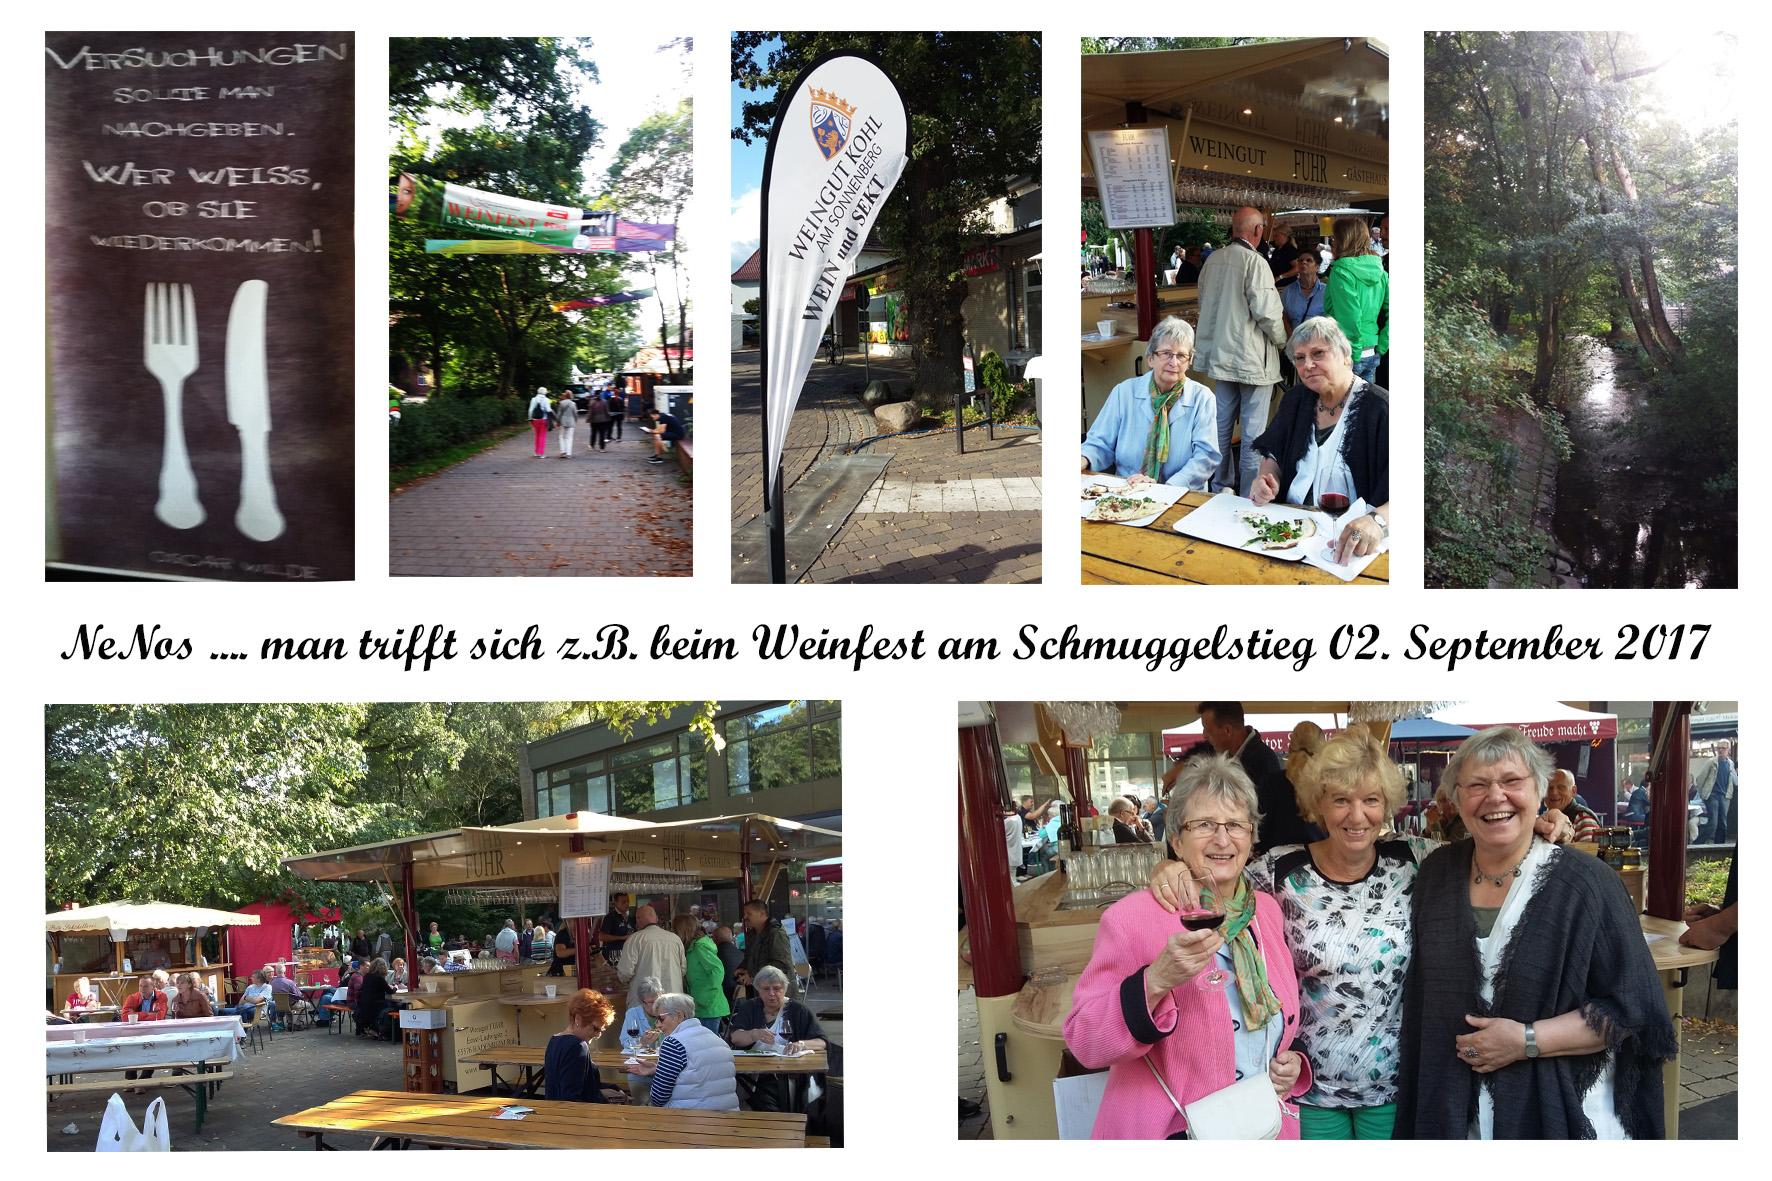 NeNo/Glashütte 2: Weinfest am Schmuggelstieg, 02.09.2017 (Fotos: Tom)